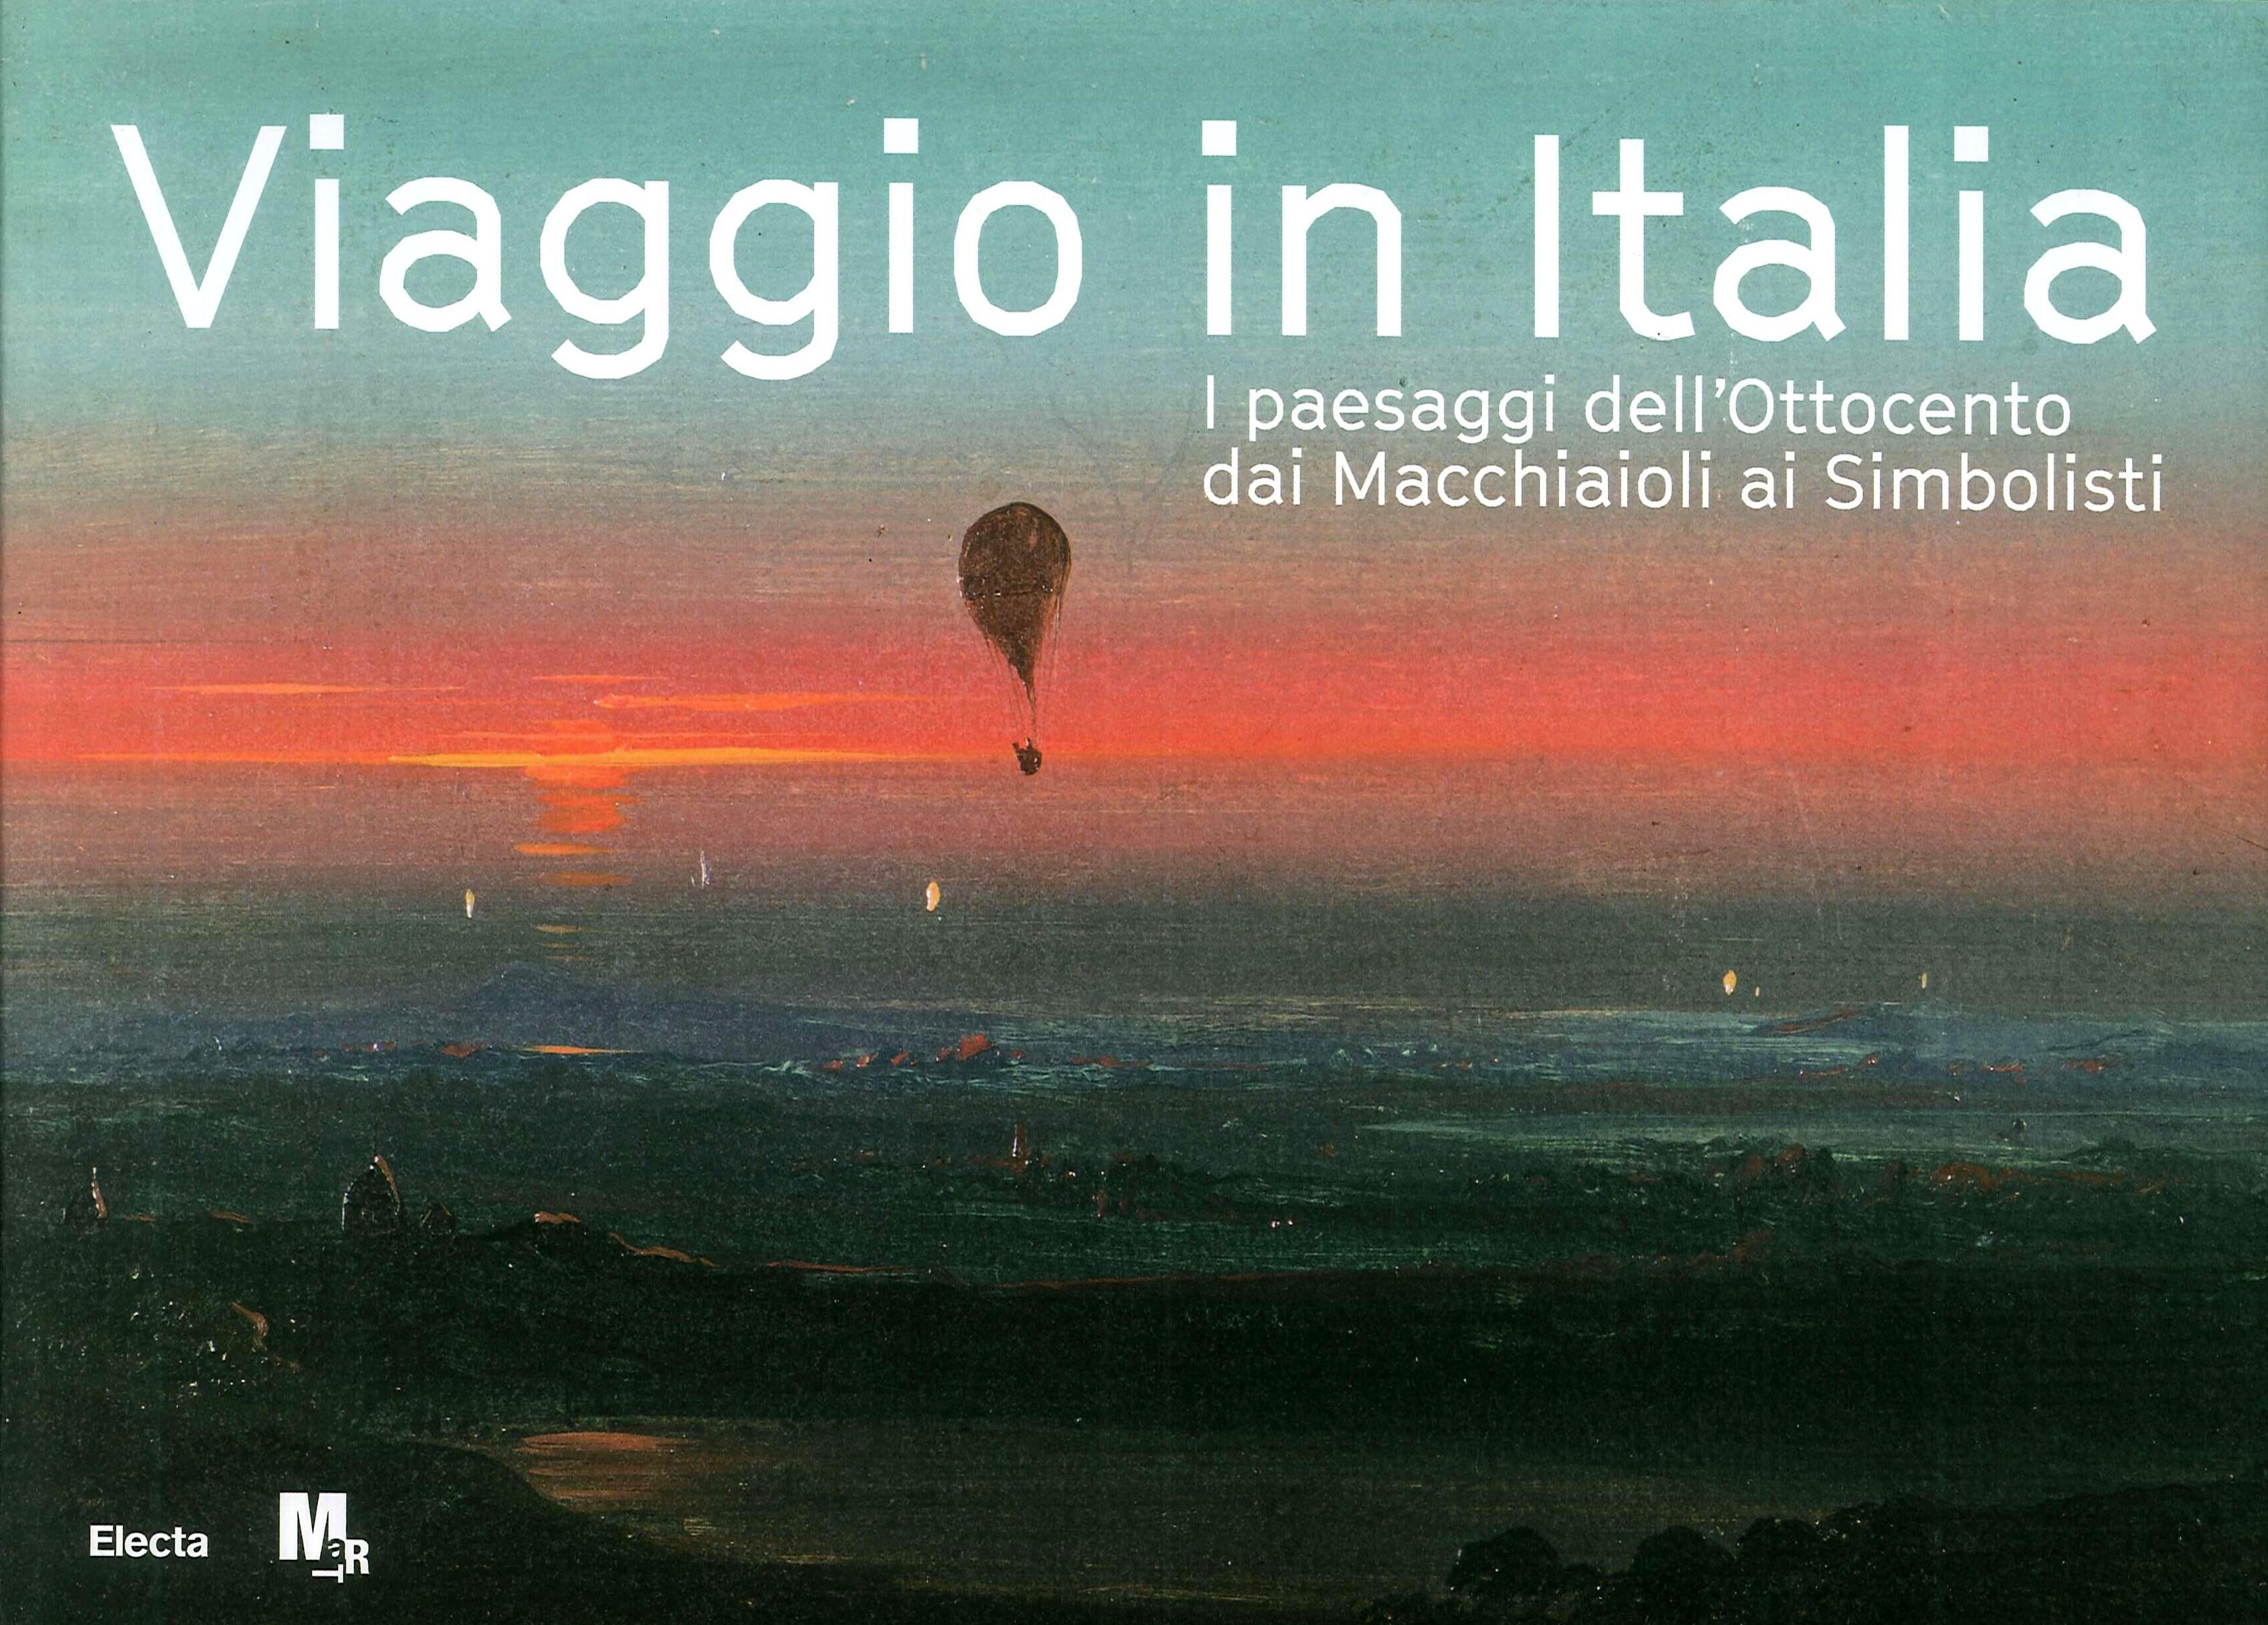 Viaggio in Italia. I paesaggi dell'Ottocento dai Macchiaioli ai Simbolisti